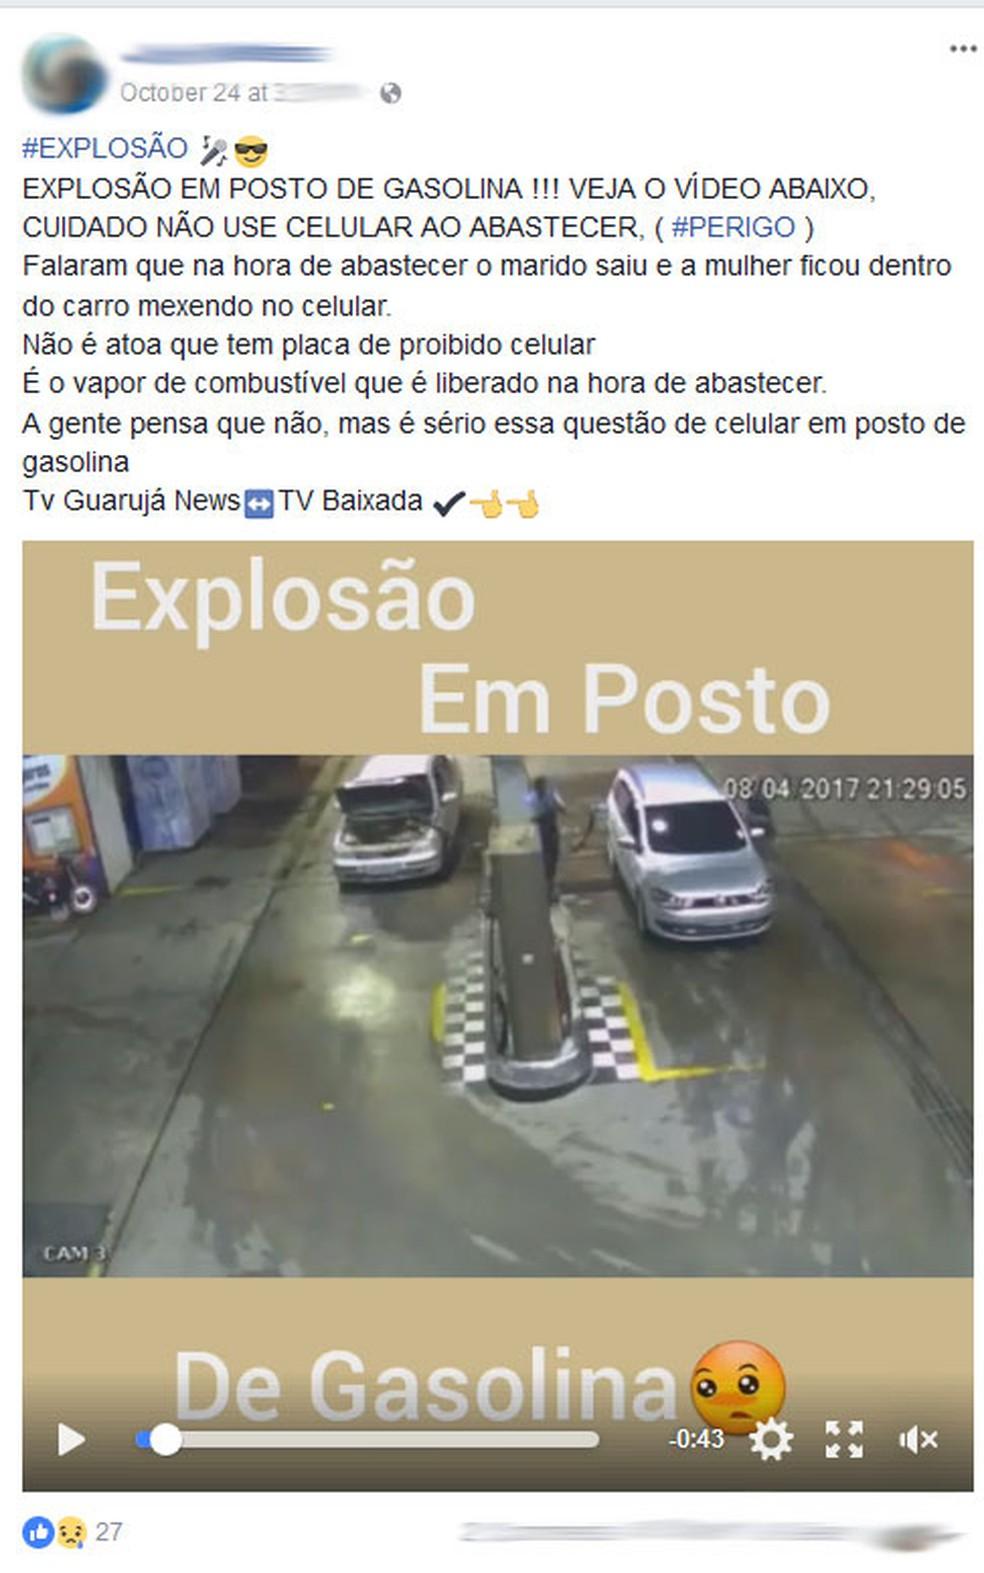 Notícia de carro explodindo em posto de combustíveis por conta de celular é falsa (Foto: Reprodução/Facebook)